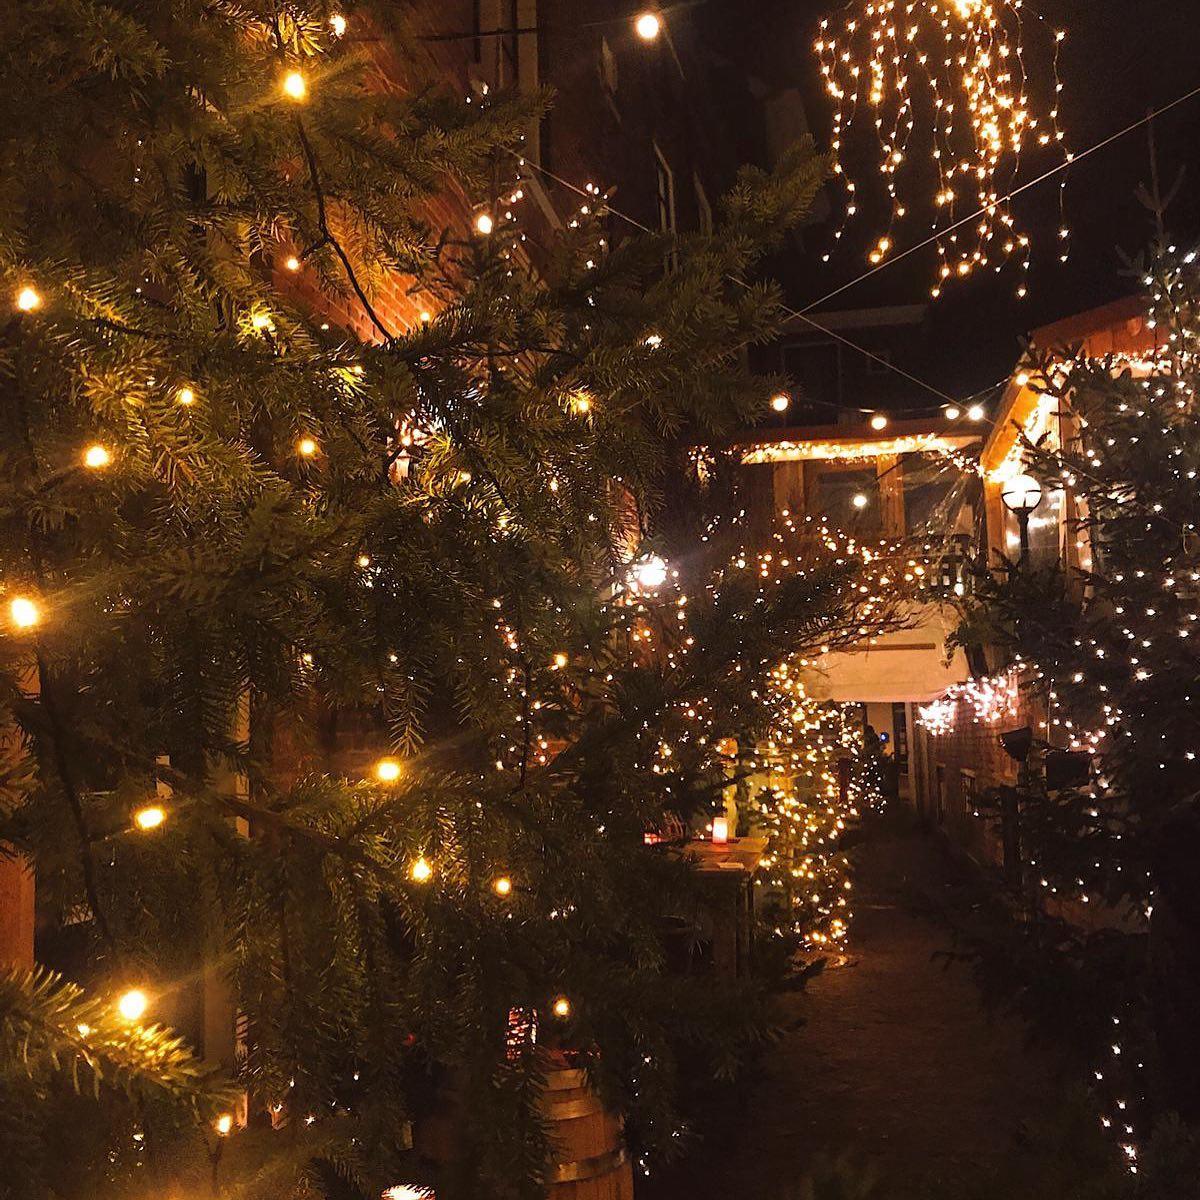 🎄🎄🎄#ErlebeEs #weihnachten